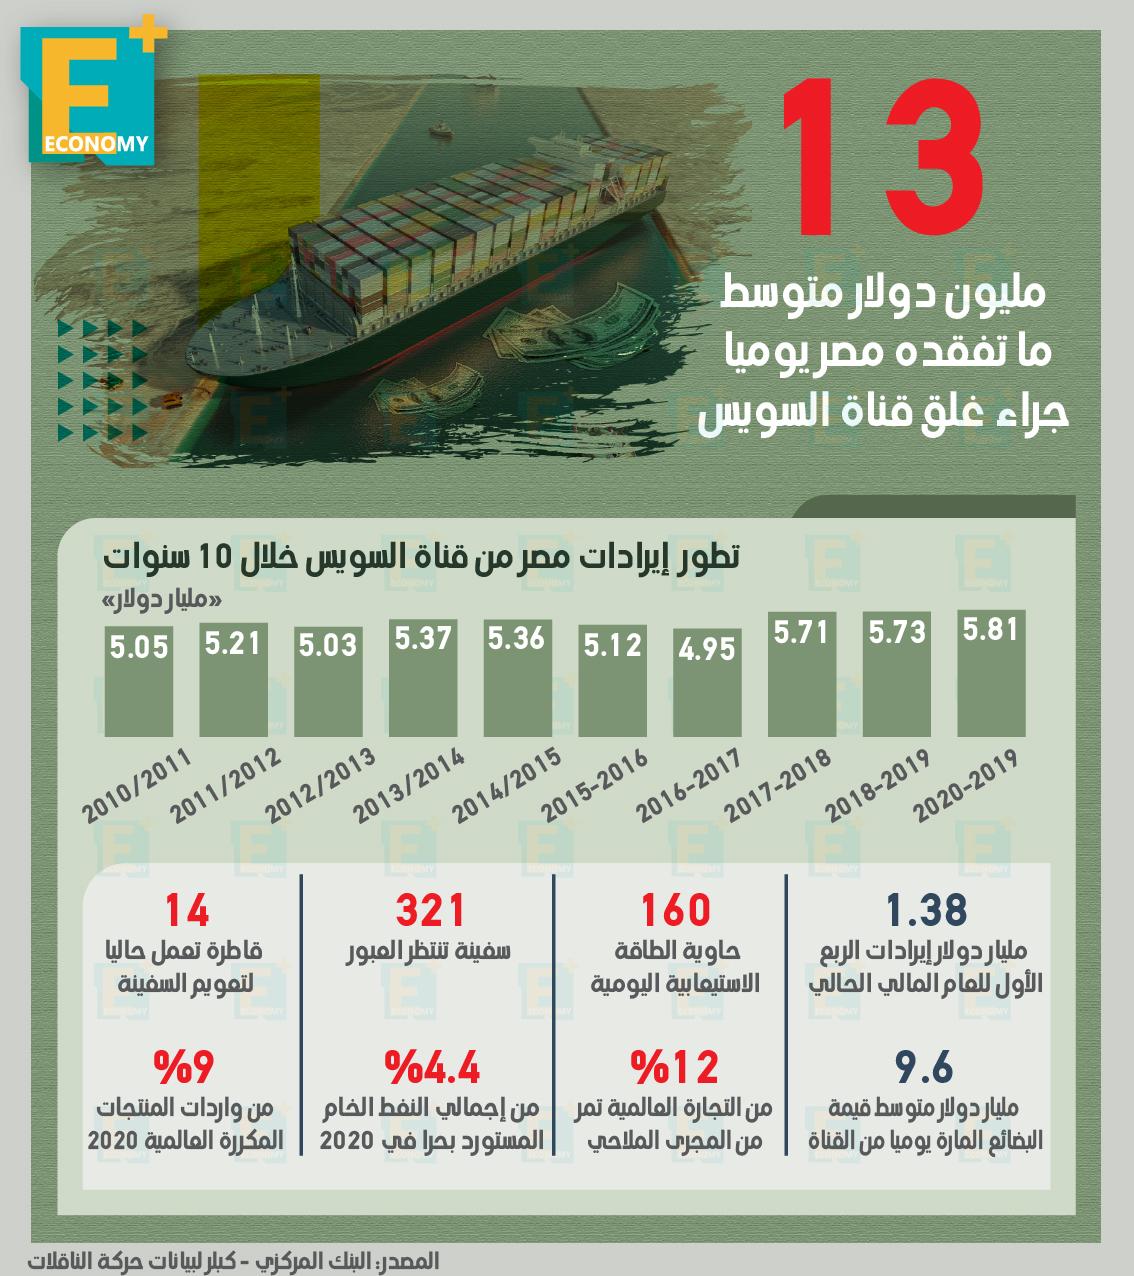 13 مليون دولار متوسط ما تفقده مصر يوميًا جراء غلق قناة السويس